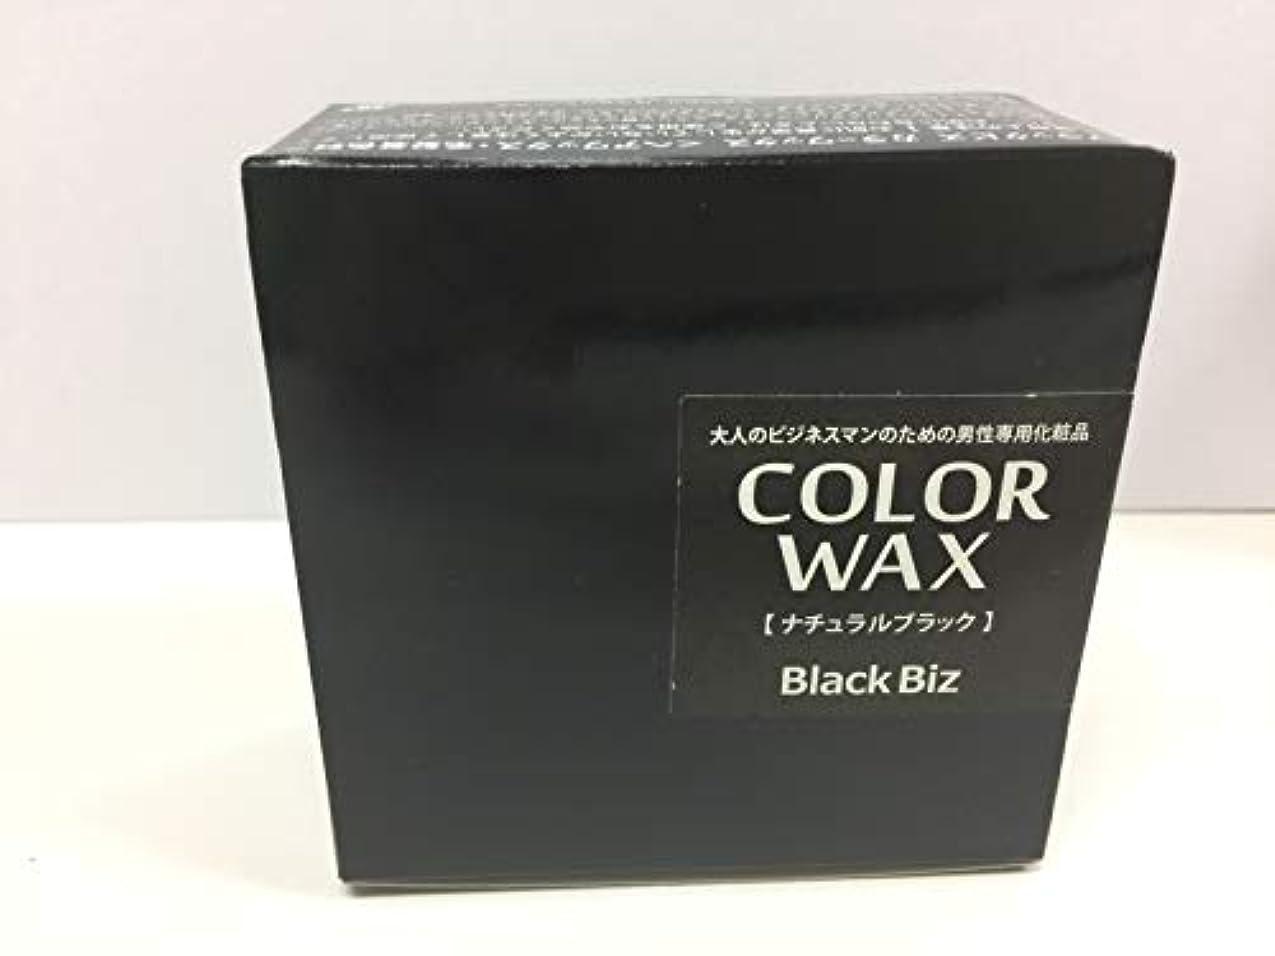 流女将ハブ大人のビジネスマンのための男性専用化粧品 BlackBiz COLOR WAX ブラックビズ カラーワックス 【ナチュラルブラック】